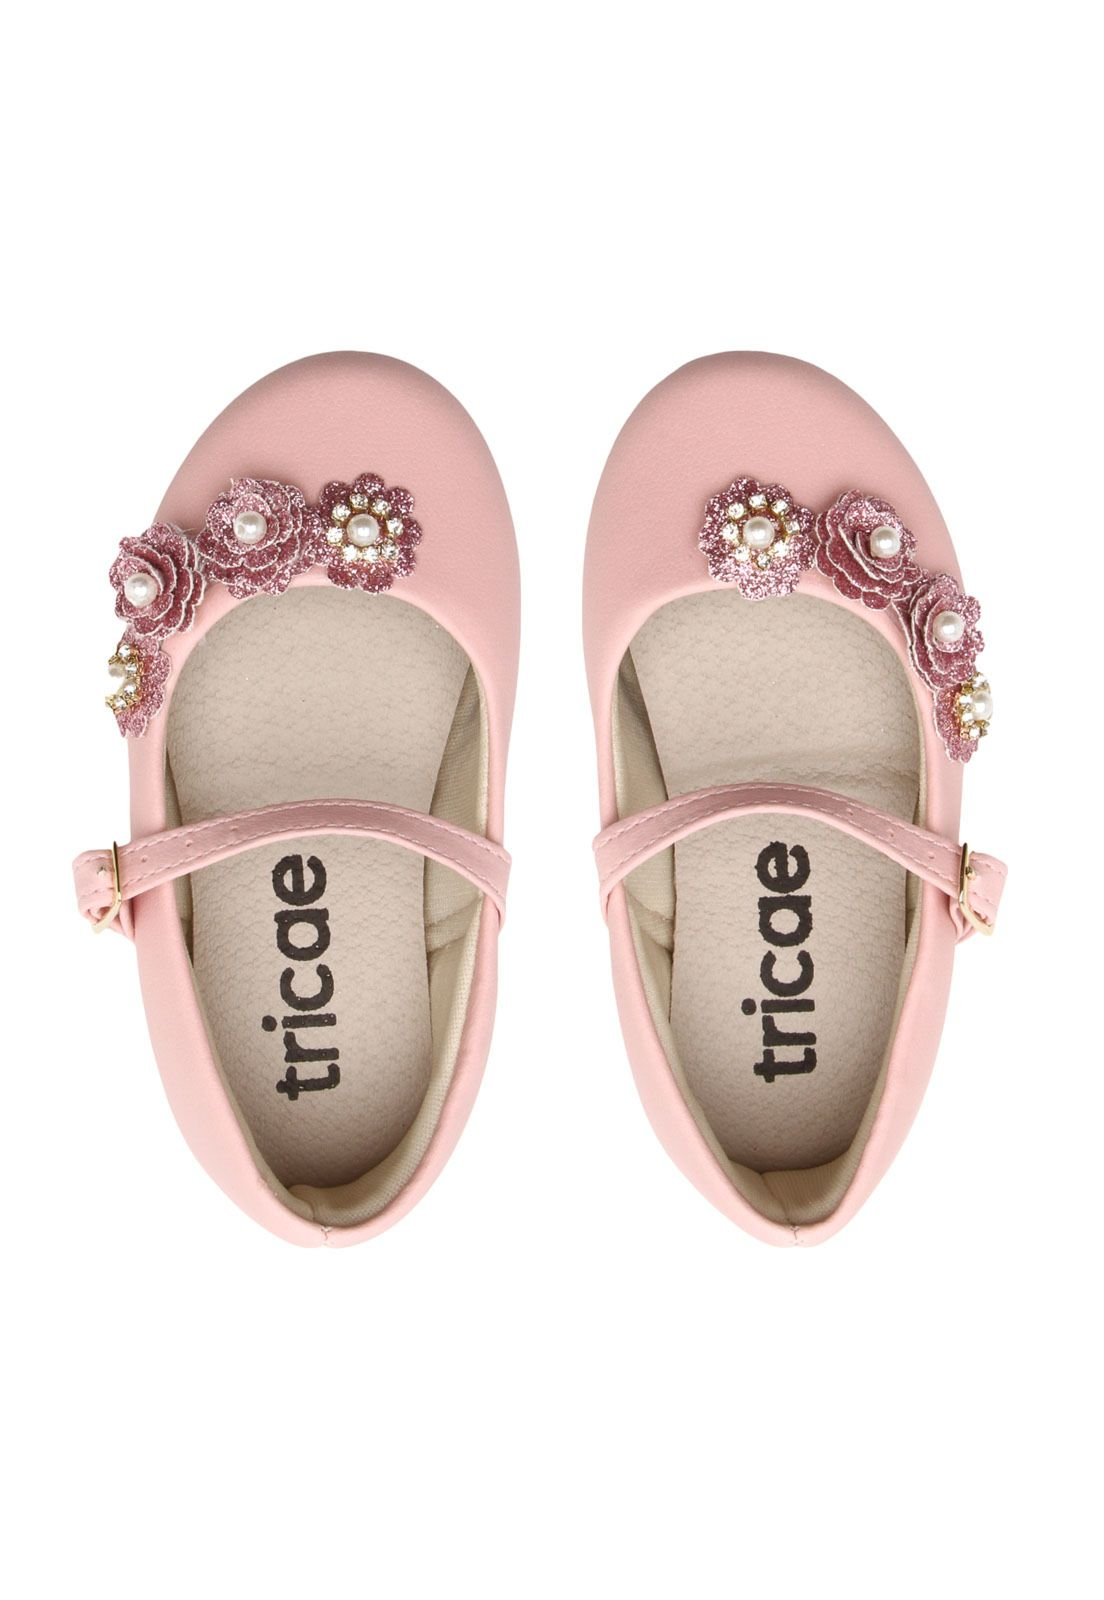 Pin em Sapatos menina